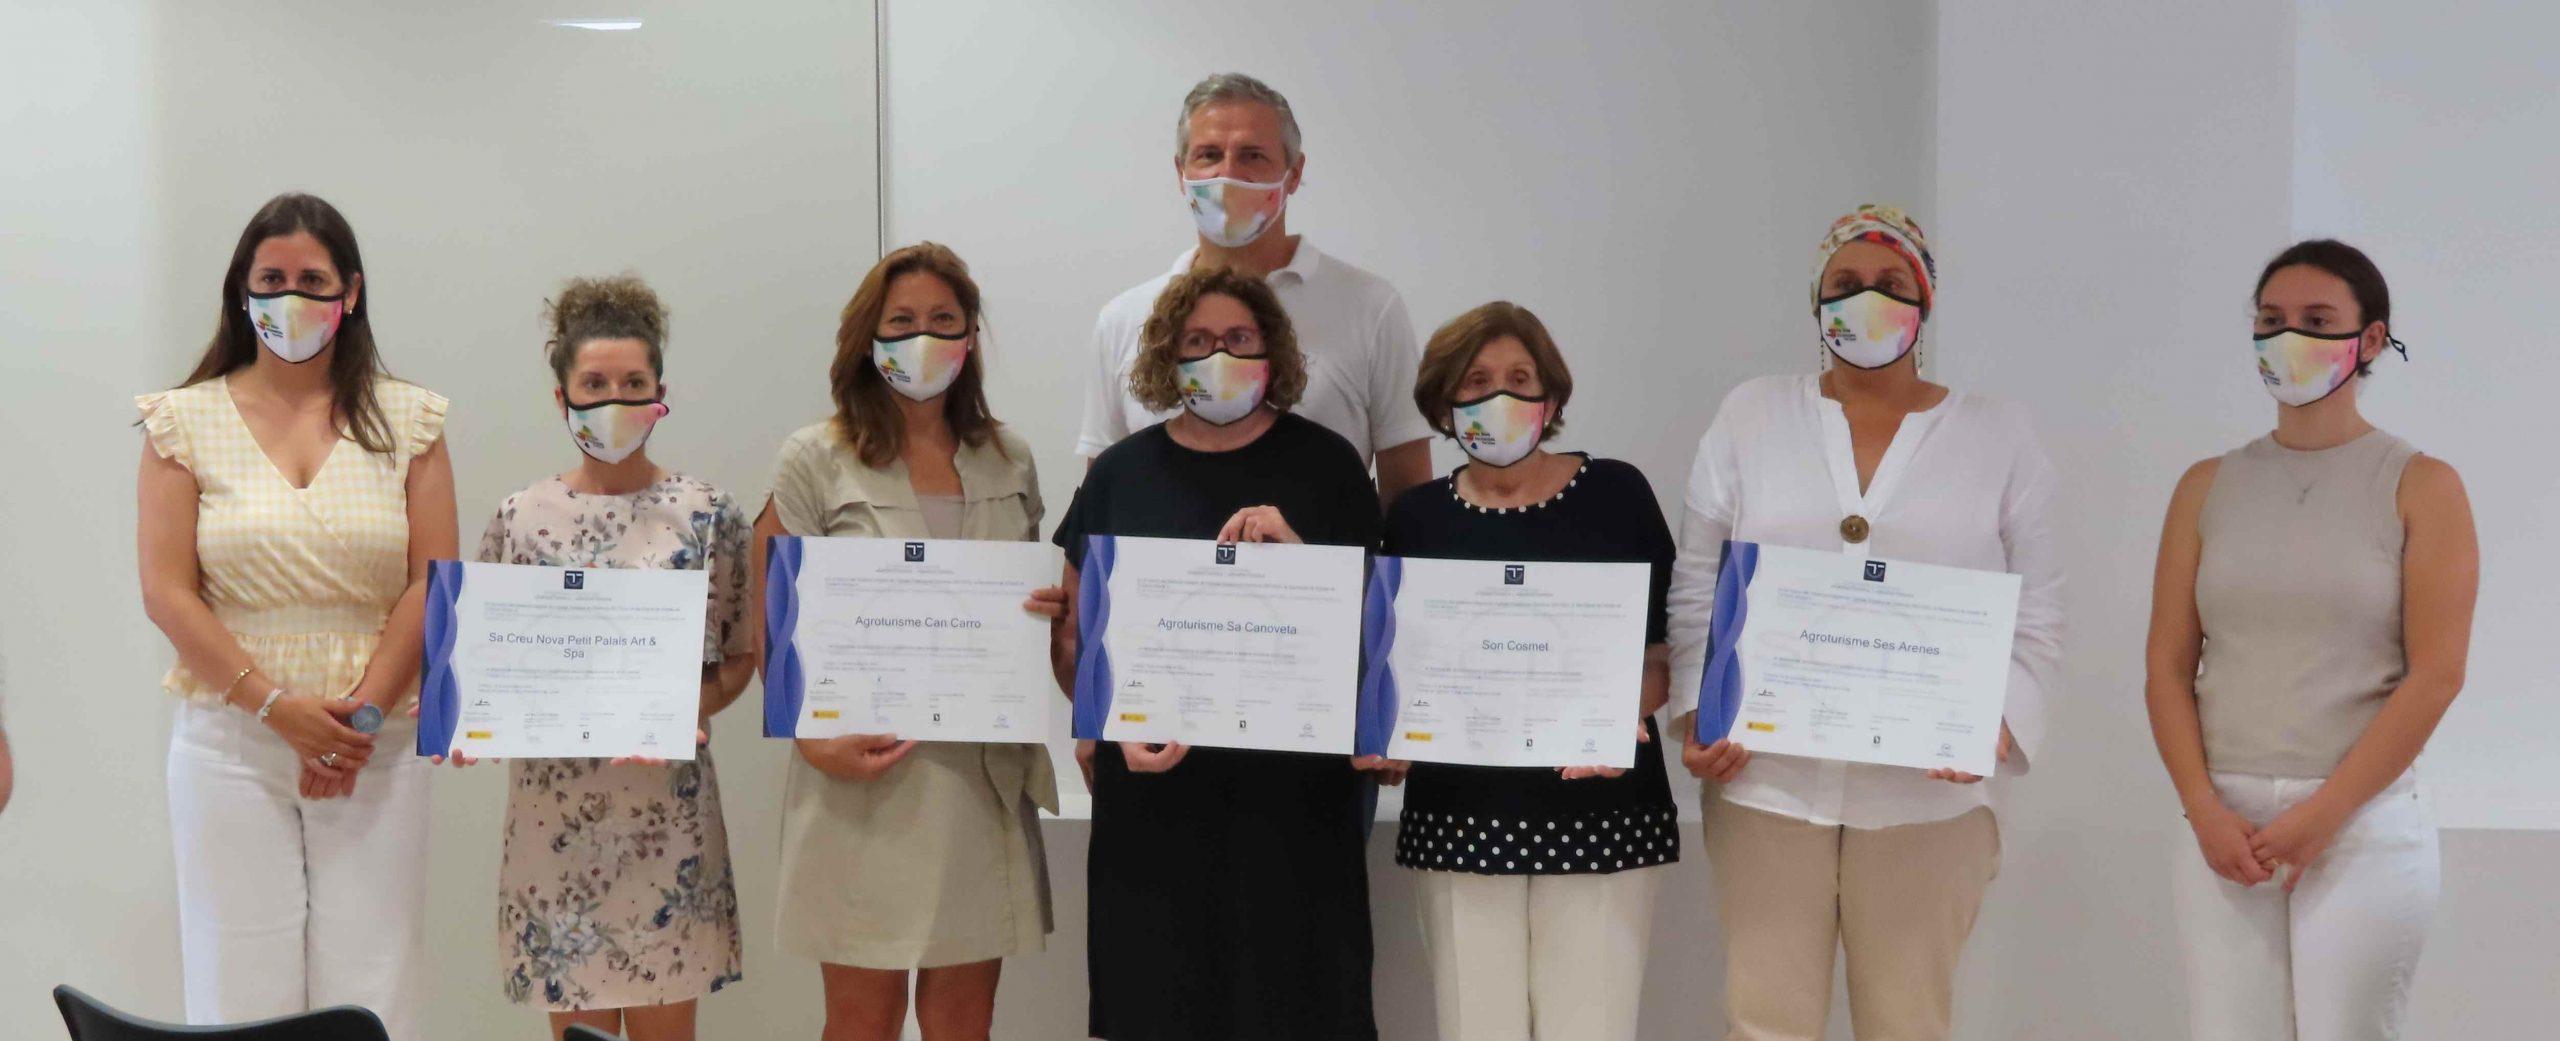 Entrega distintivos SICTED en Campos (Mallorca)